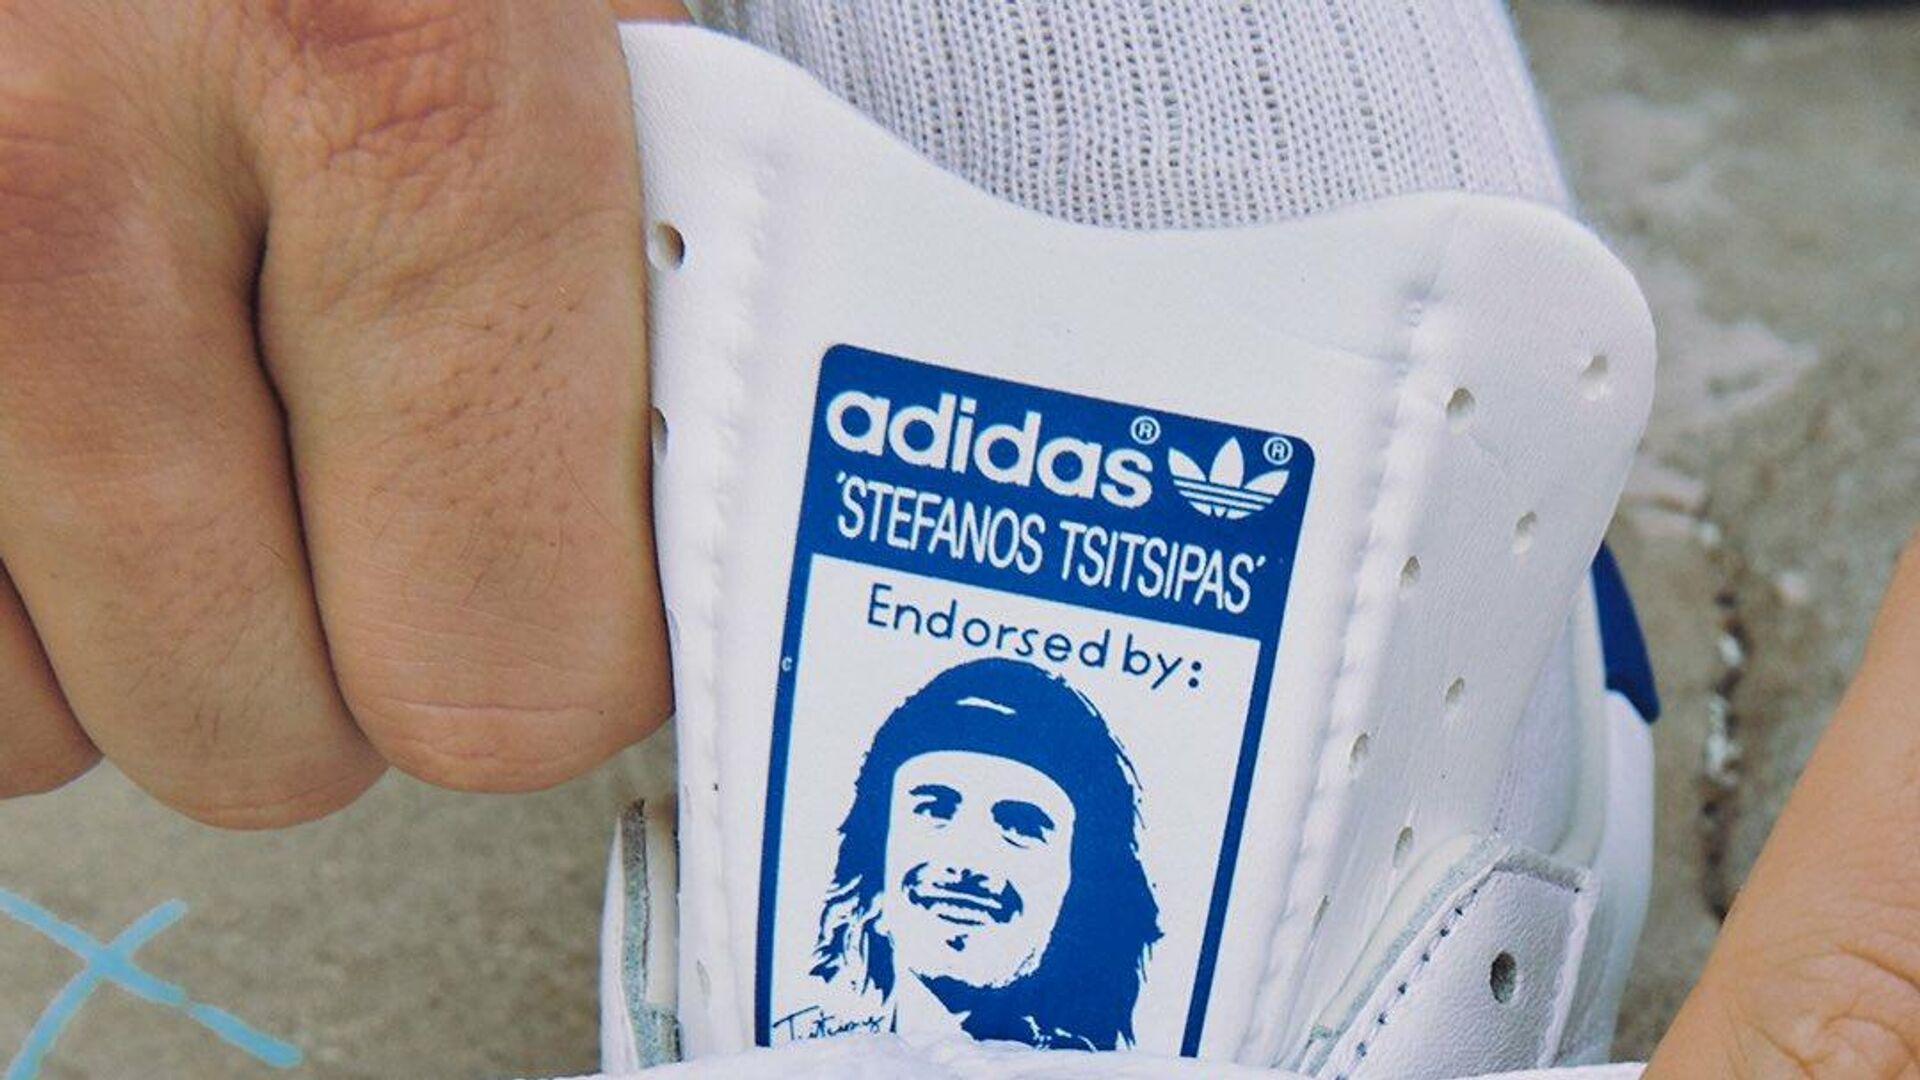 Παπούτσια adidas με τον Στέφανο Τσιτσιπά - Sputnik Ελλάδα, 1920, 13.10.2021